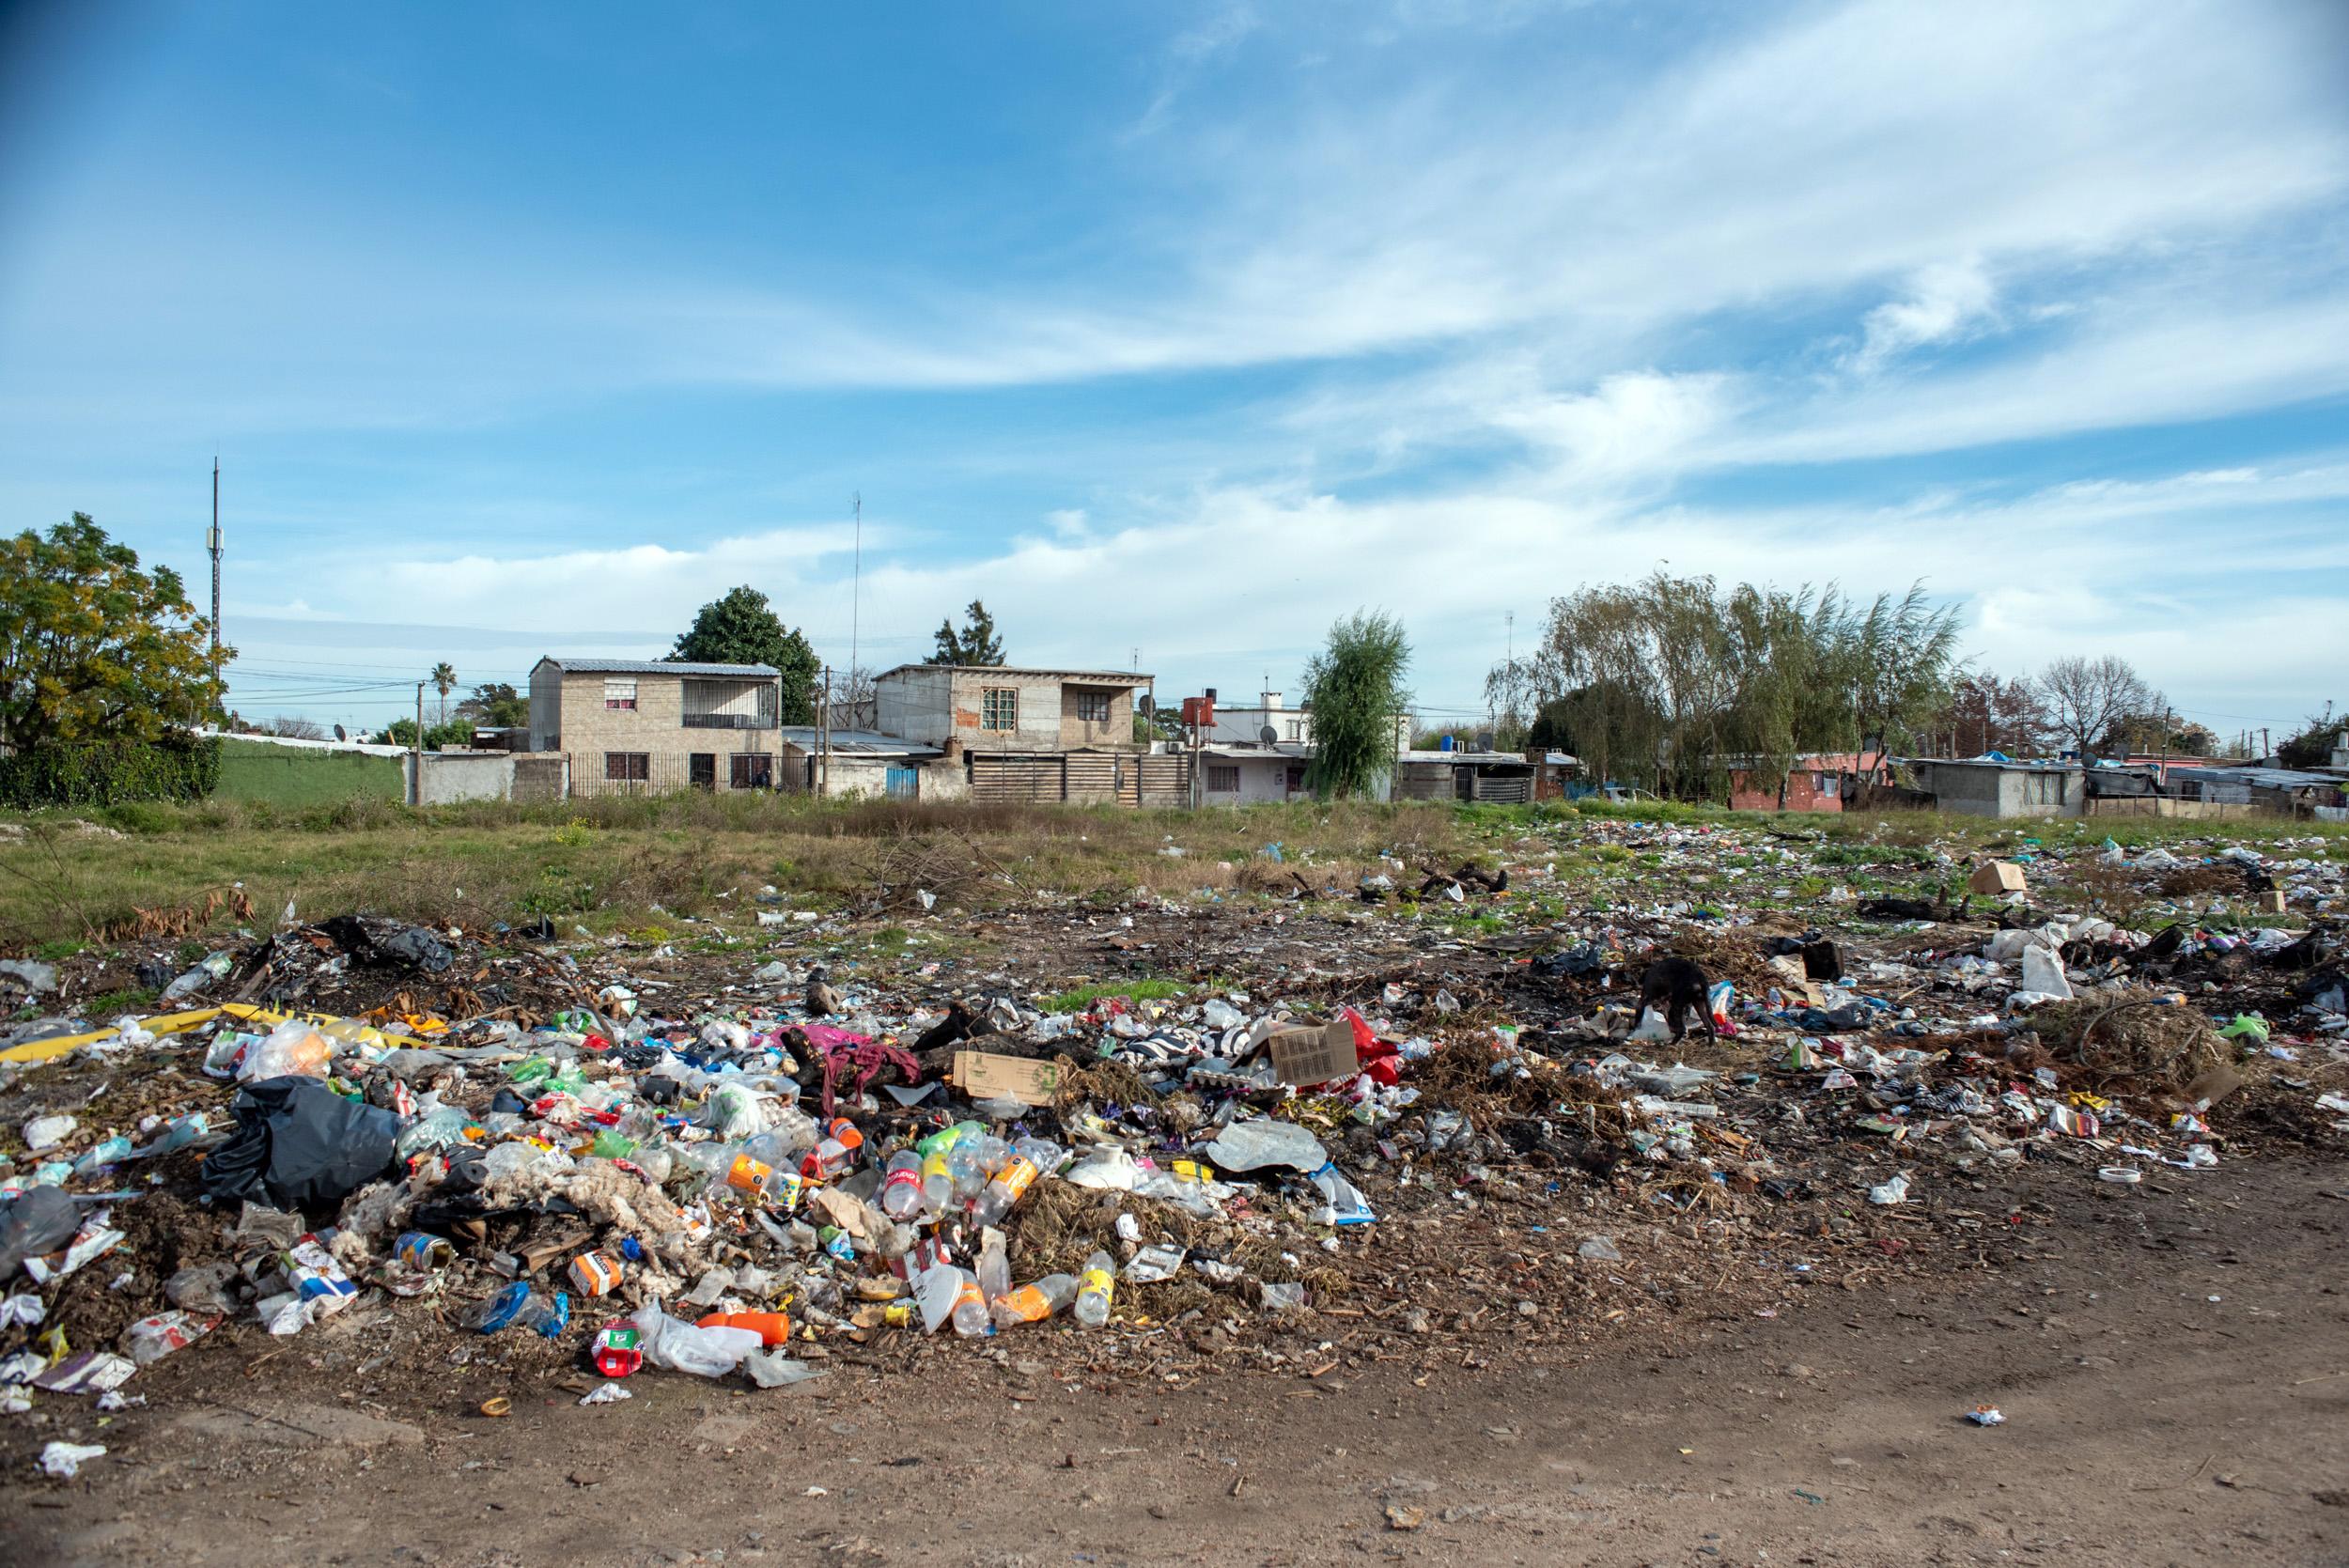 Limpieza de basural en Asentamiento 24 de enero el marco del Plan ABC. Domingo Arena y Elisa Menéndez